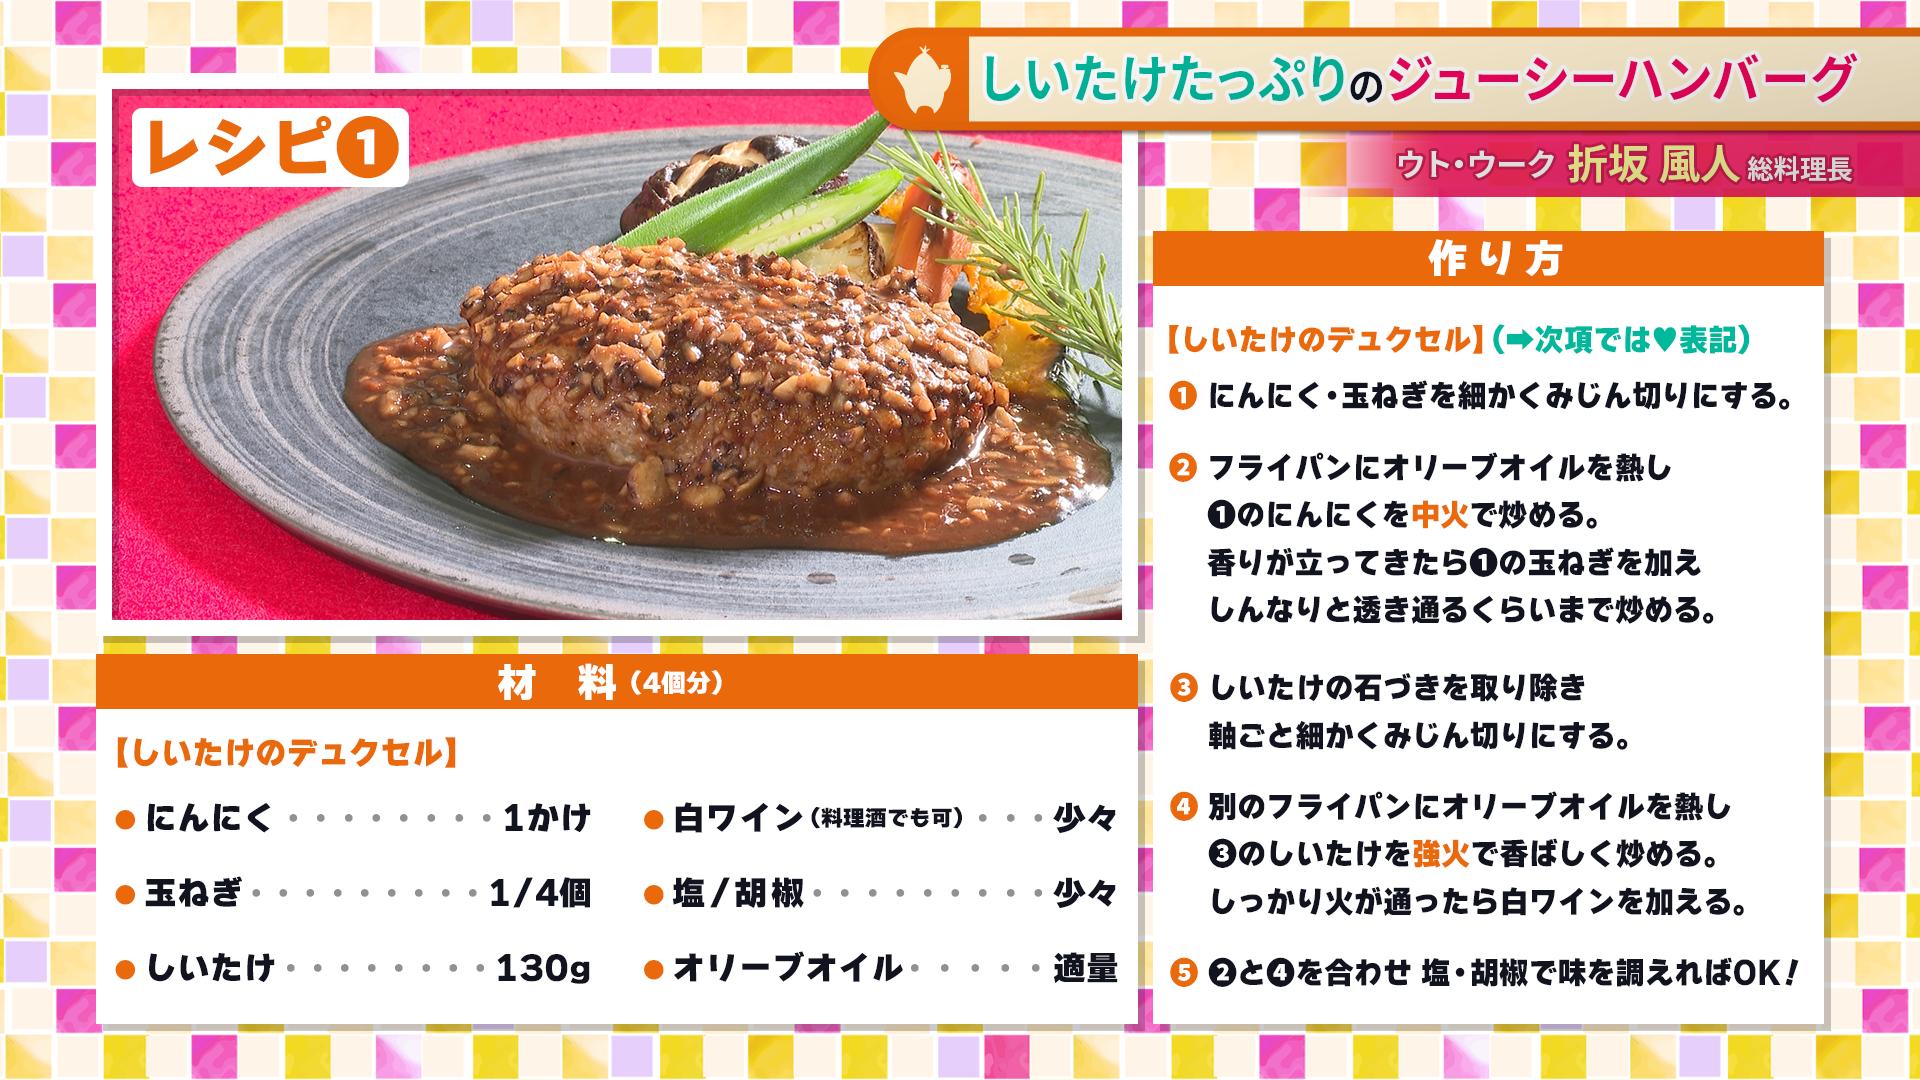 たけナビ『しいたけたっぷりのジューシーハンバーグ』レシピ(9/14初回放送)